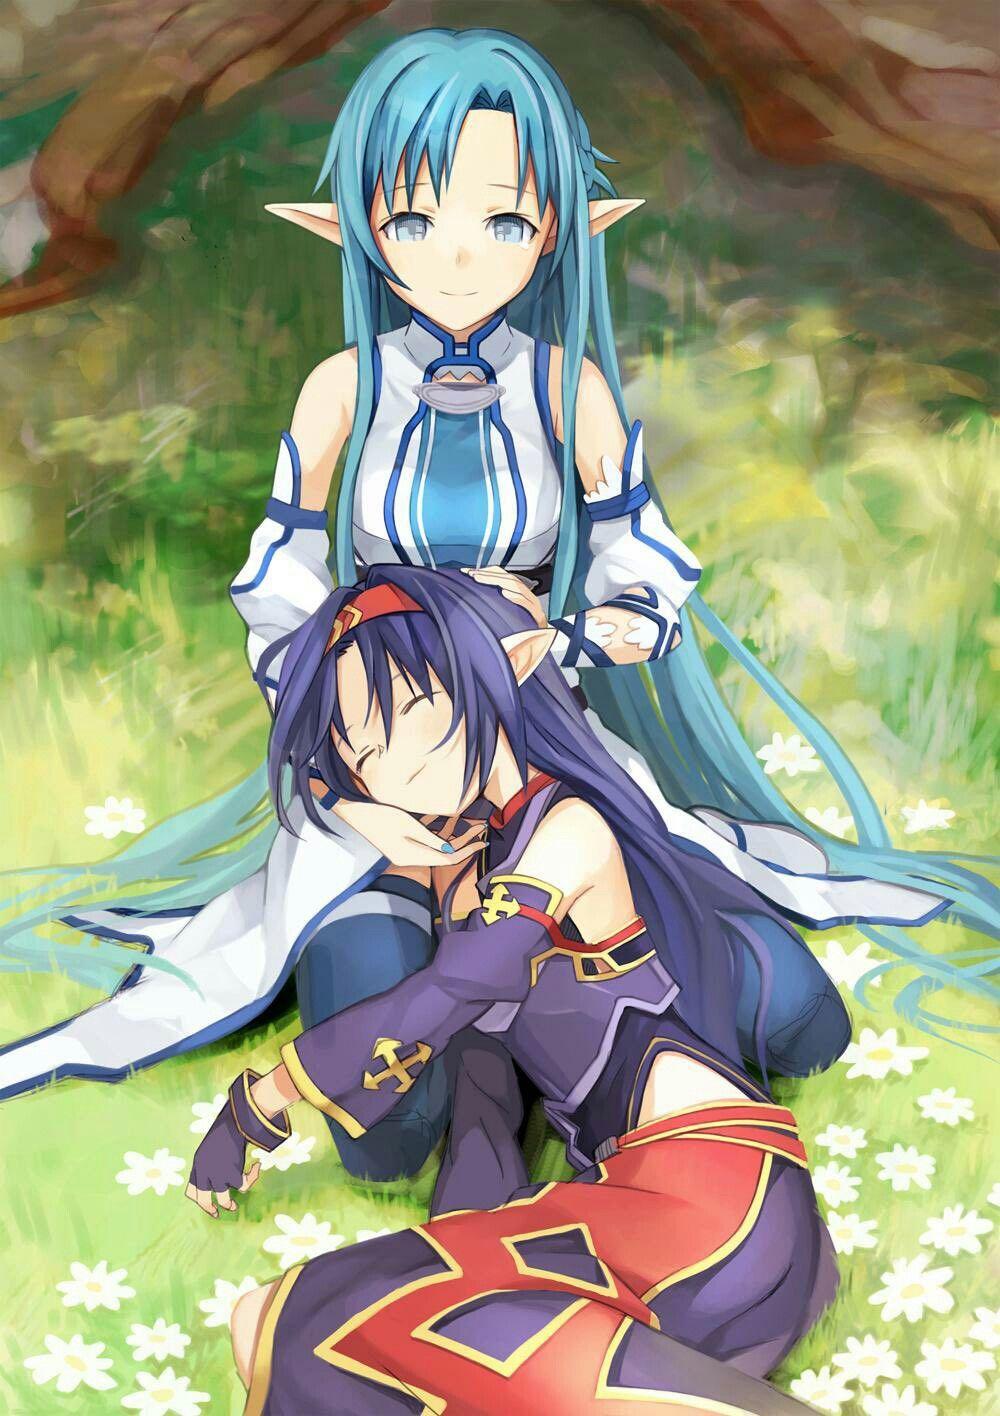 Asuna e Yuuki Anime hintergründe, Accel world, Anime